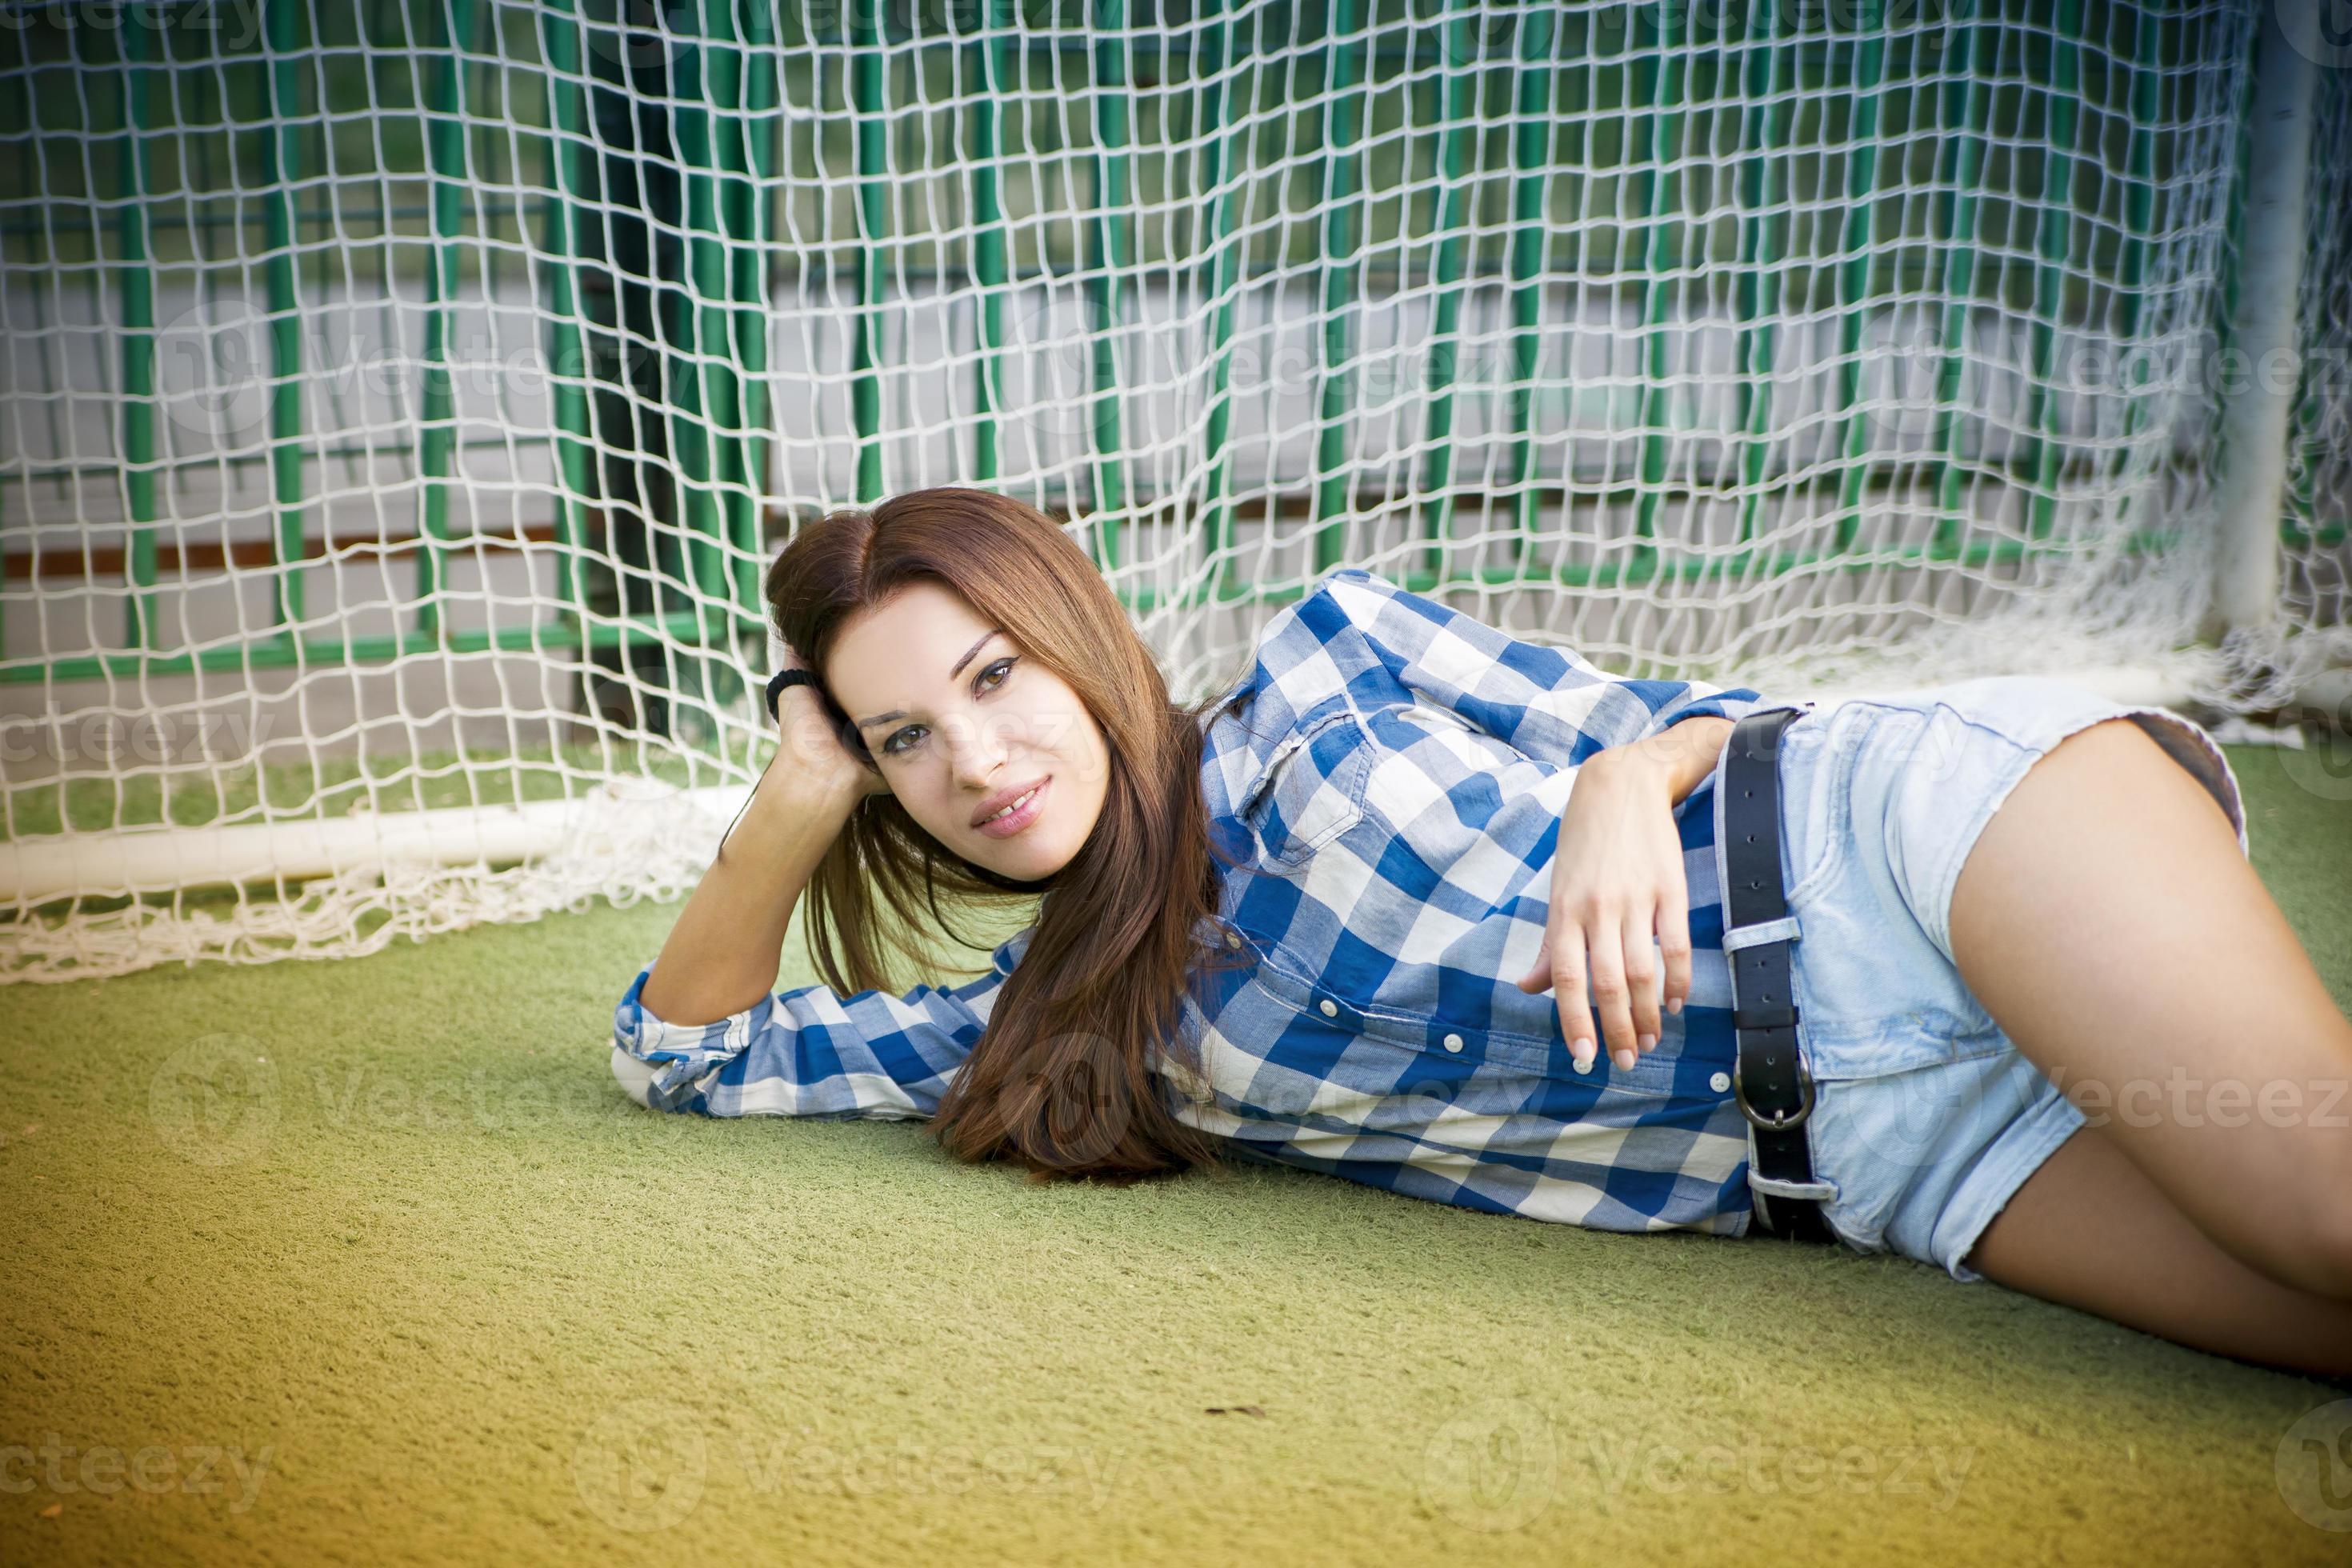 Mulher Jovem E Bonita No Campo De Futebol 1179656 Foto De Stock No Vecteezy